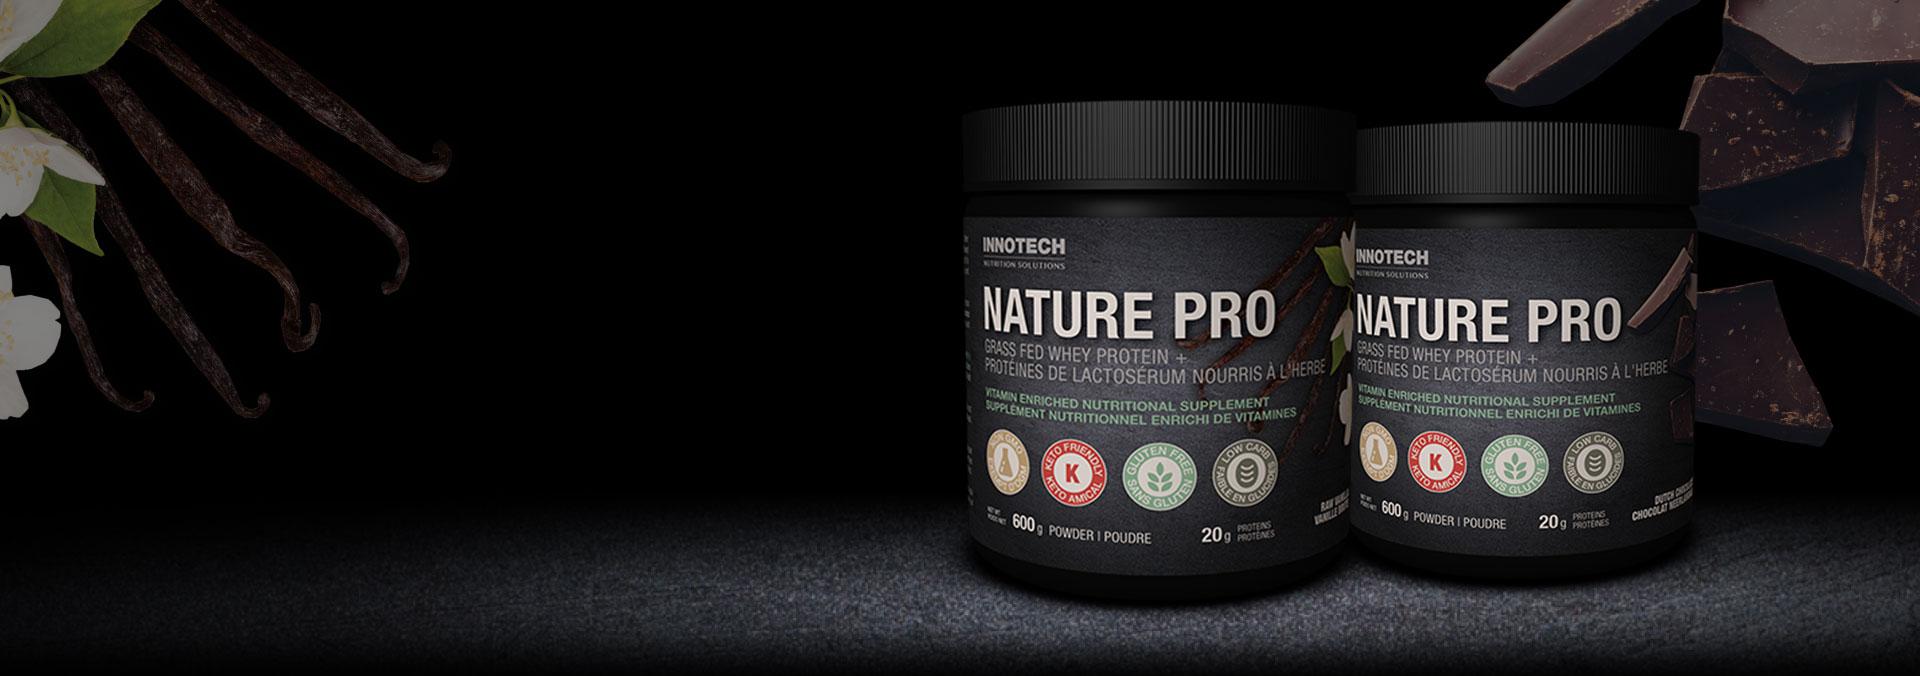 NatureProBack